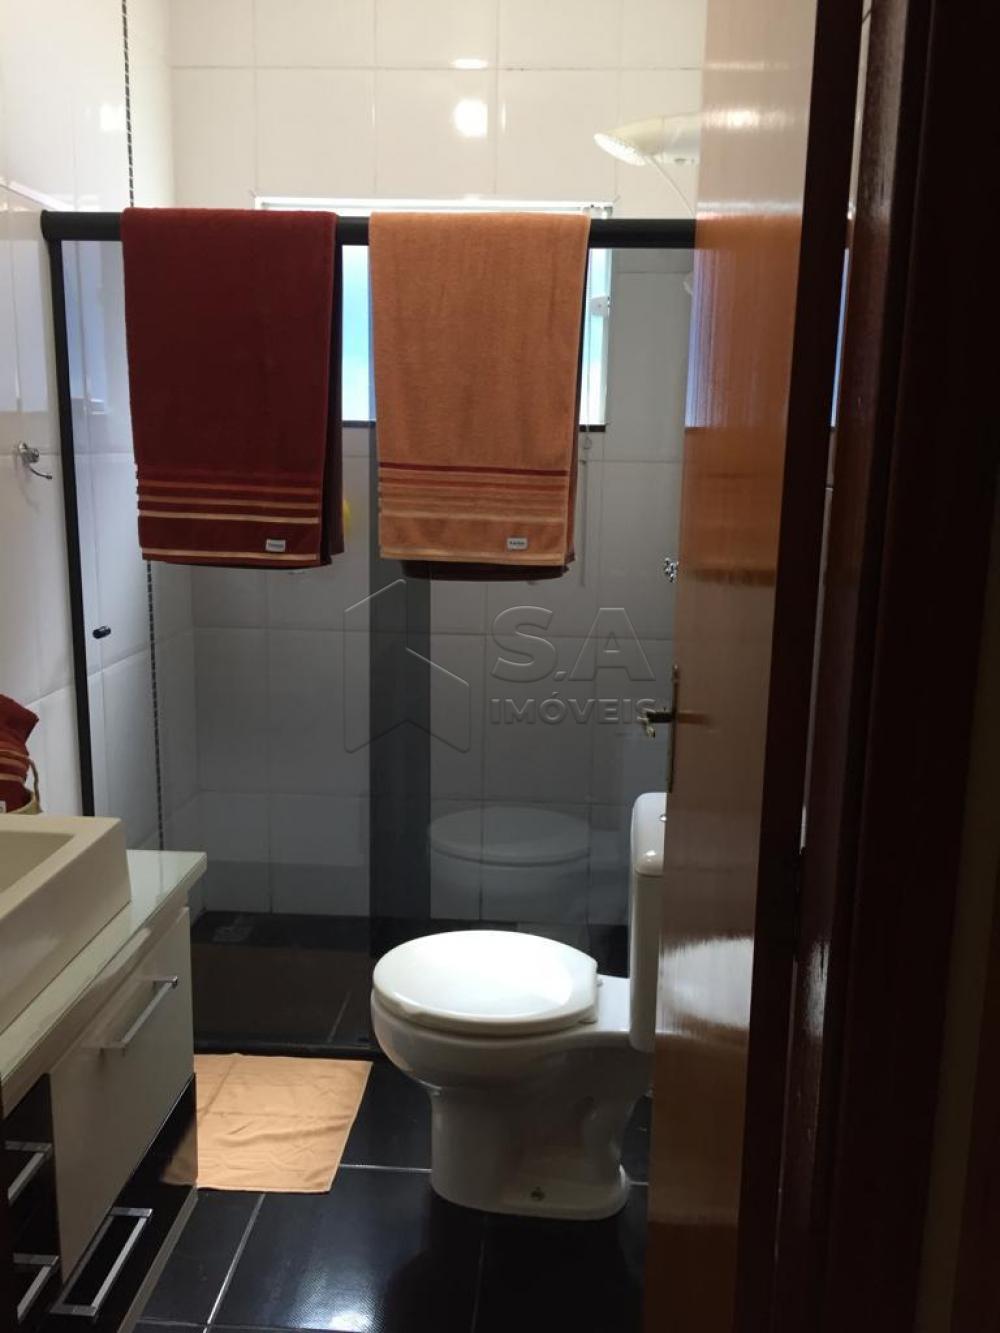 Comprar Casa / Padrão em Botucatu apenas R$ 340.000,00 - Foto 10